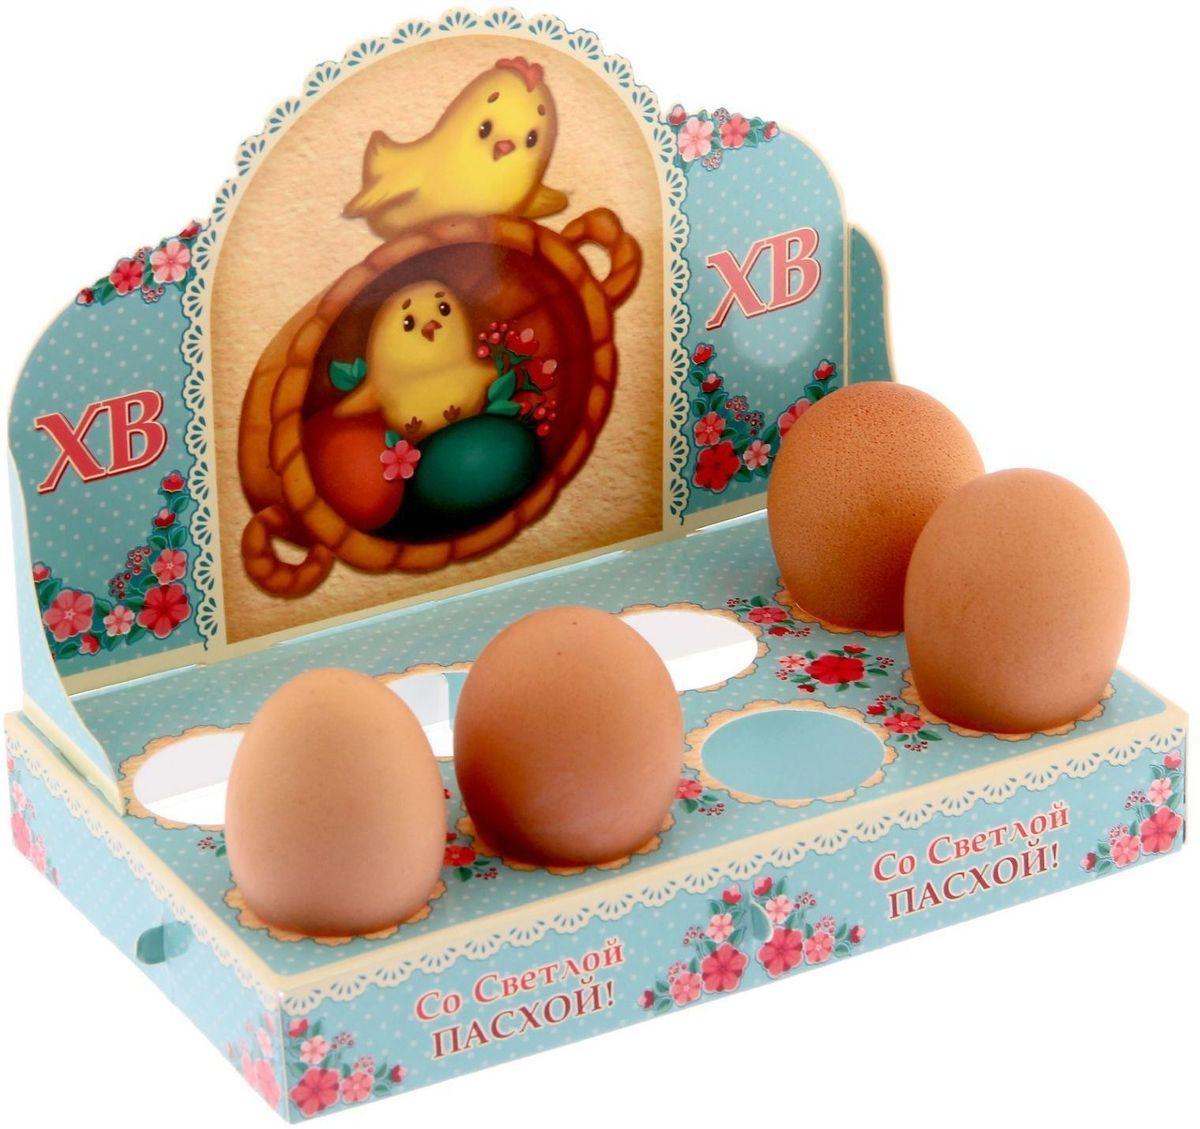 Подставка пасхальная ХВ. Печеный стиль, на 8 яиц, 13,7 х 8,1 см. 1209531VT-1520(SR)Яркие картонные подставки станут интересным дополнением к писанкам. Конструкция легко собирается и не даёт содержимому раскатиться по столу.